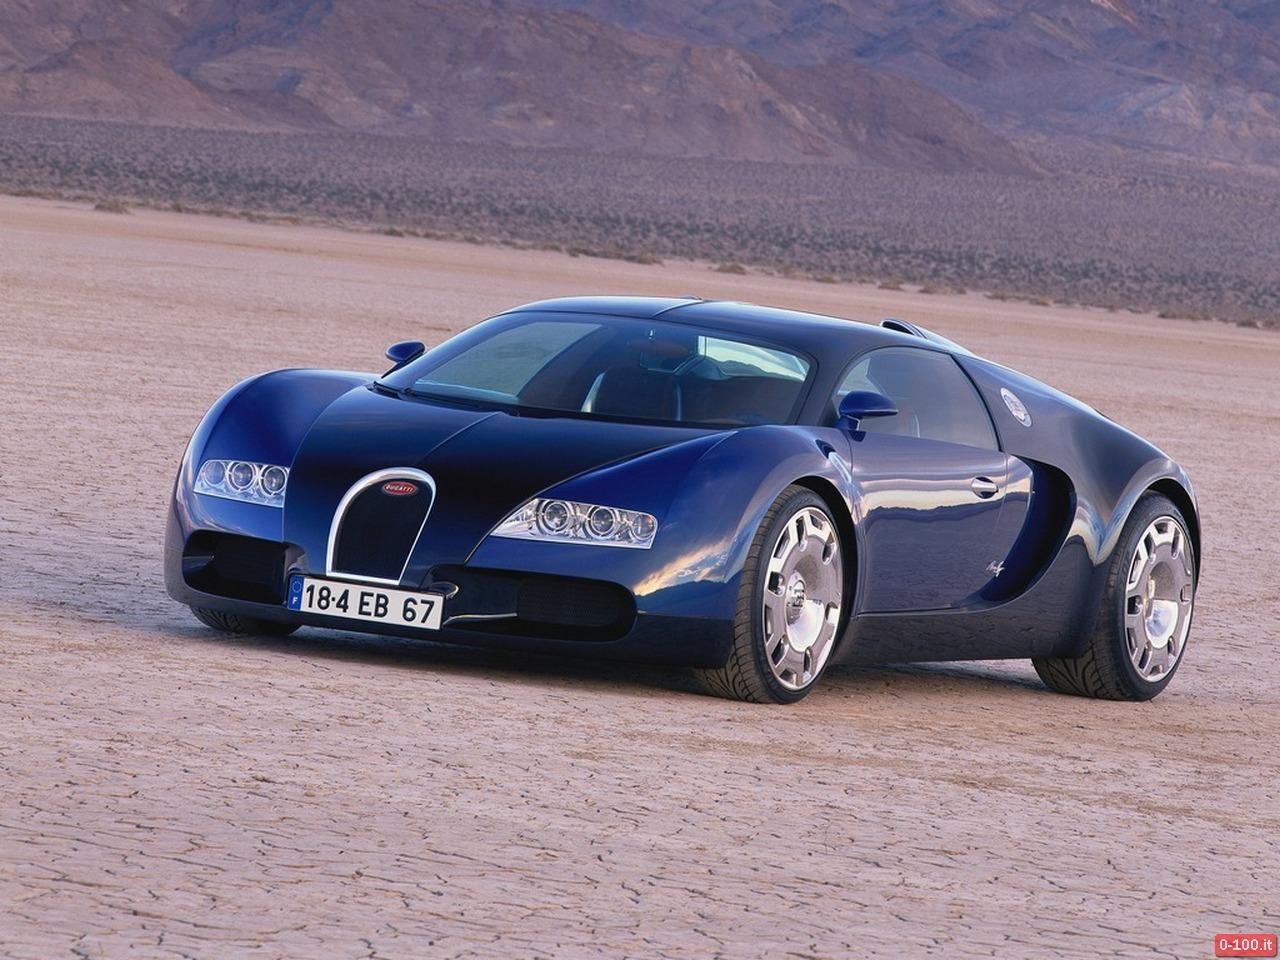 bugatti-eb-18-4-veyron-tokio-1999-retromobile-2014-0-100_2